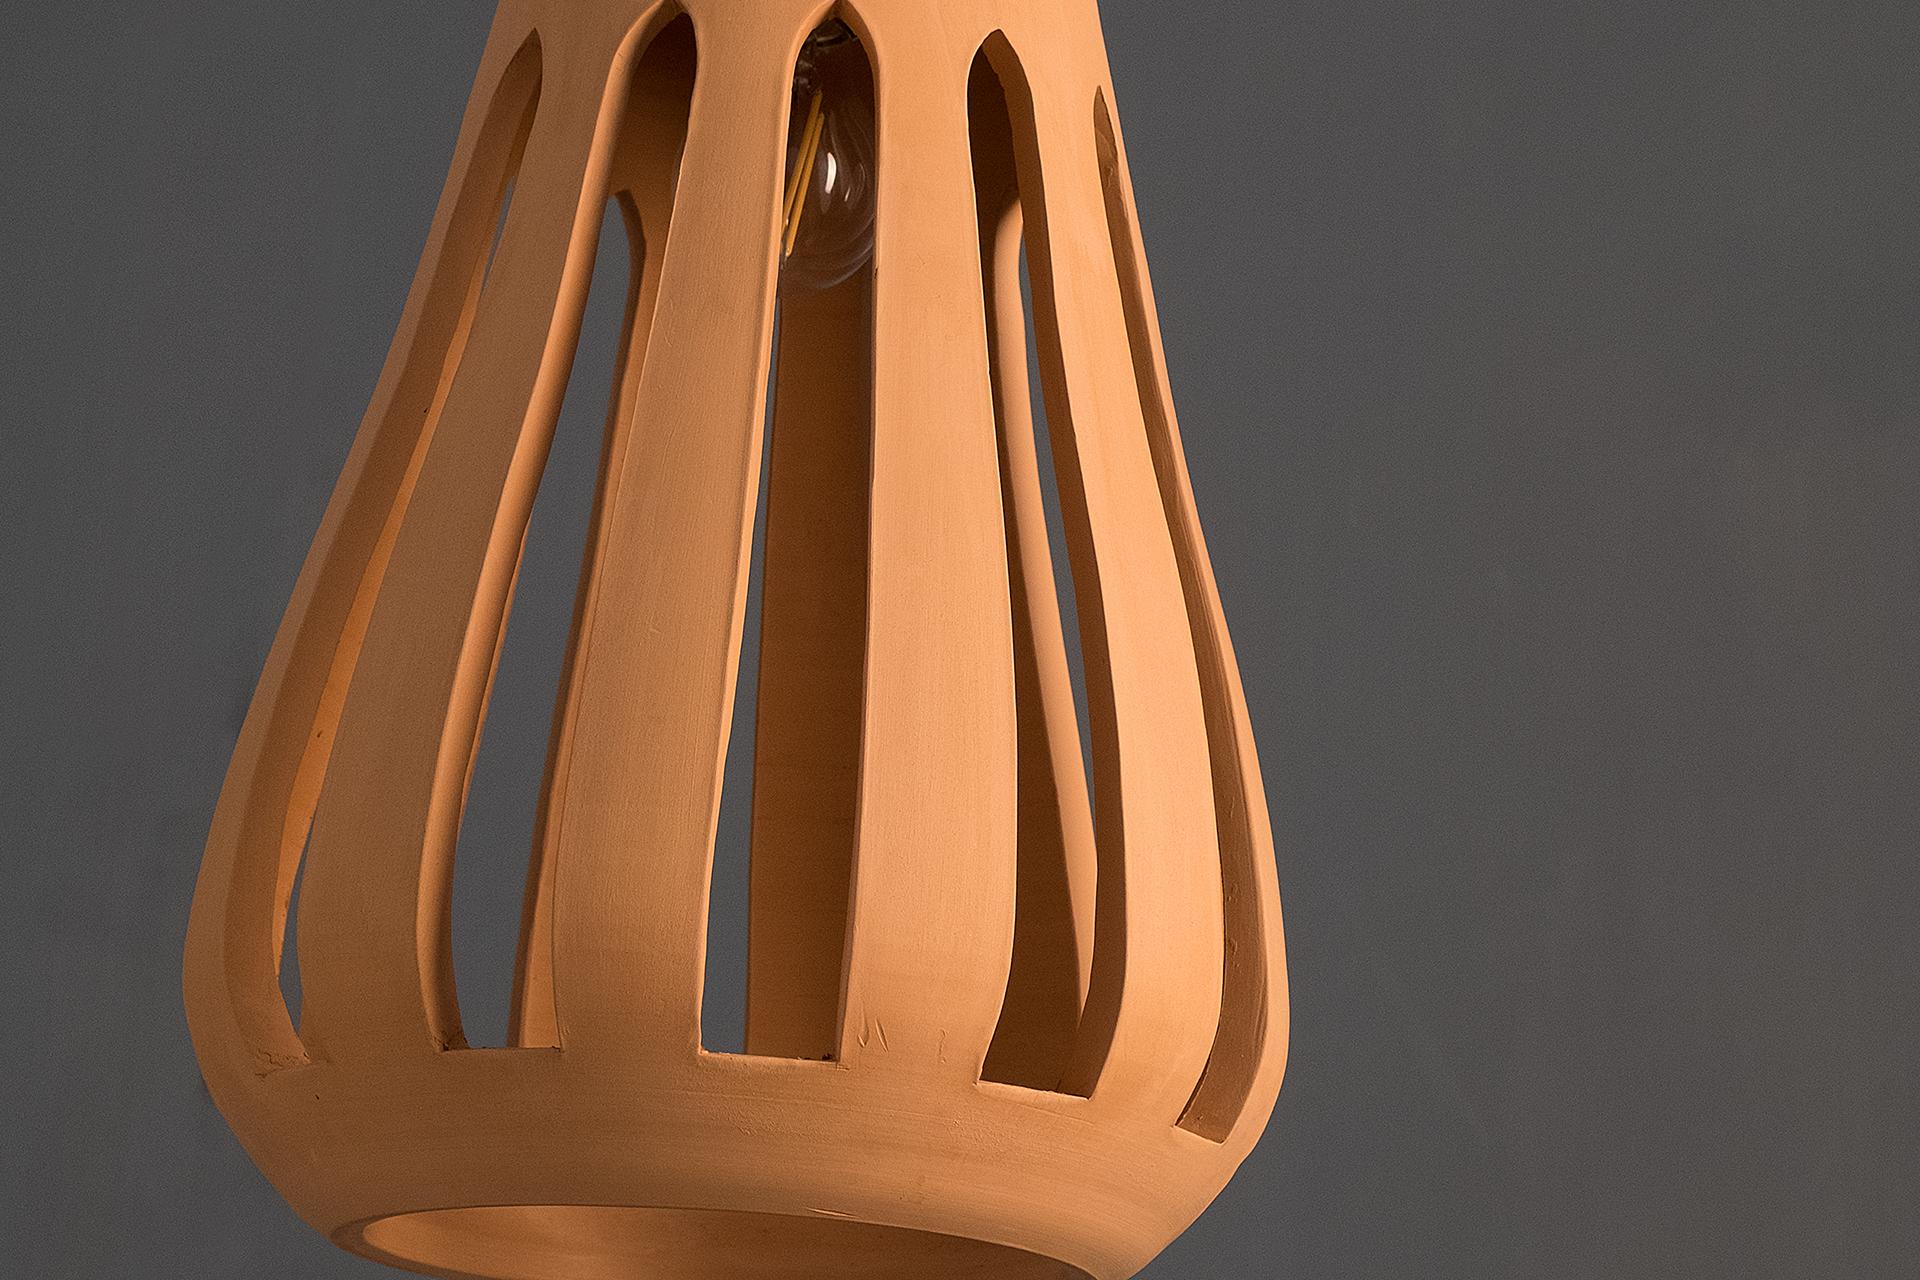 Dettaglio di Nassa, lampada a sospensione artigianale in argilla bianca e rossa lavorate a mano